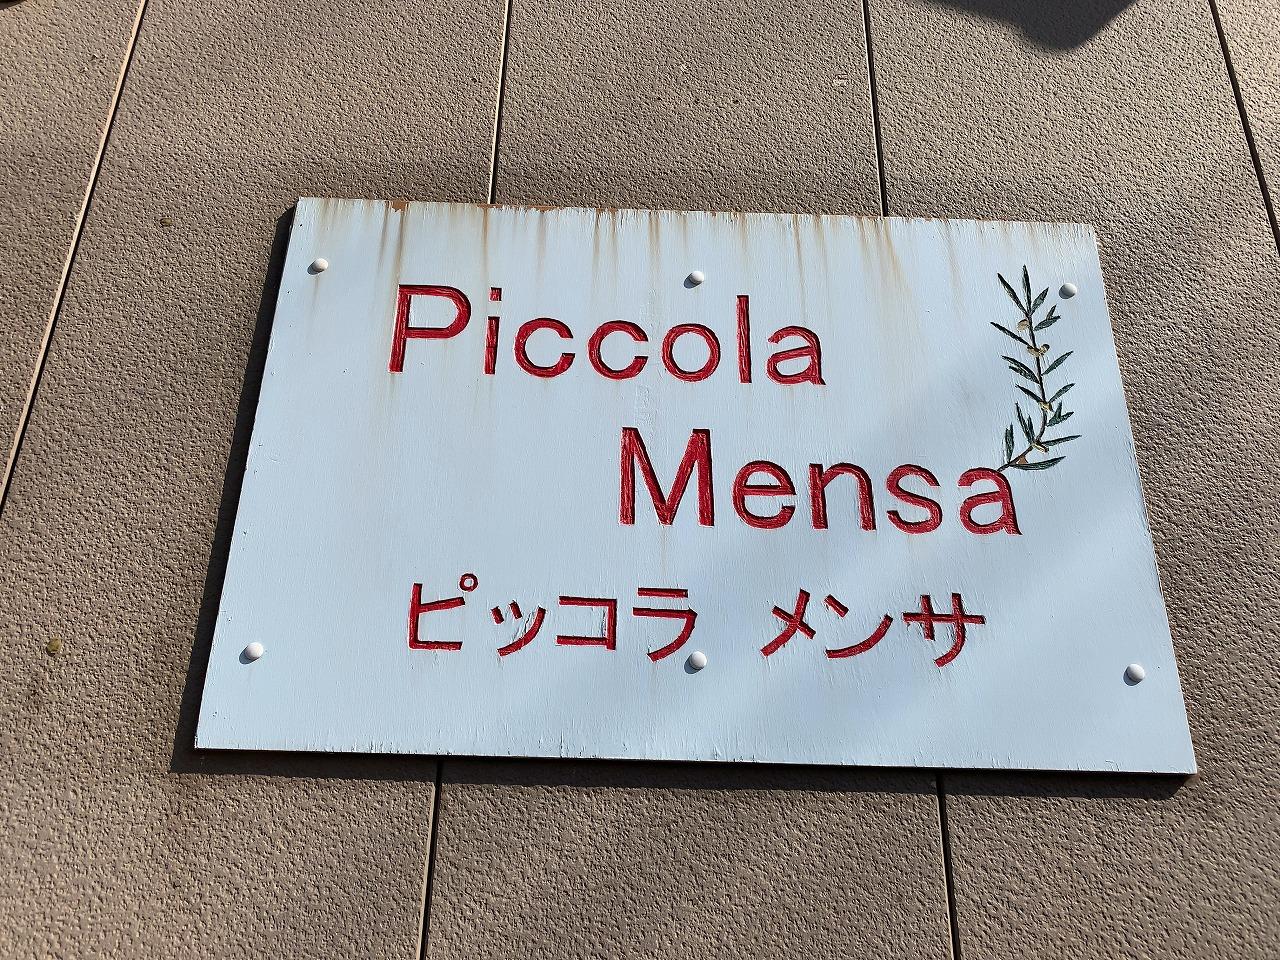 阿賀野市 ピッコラメンサ ピッコラ ラーメン